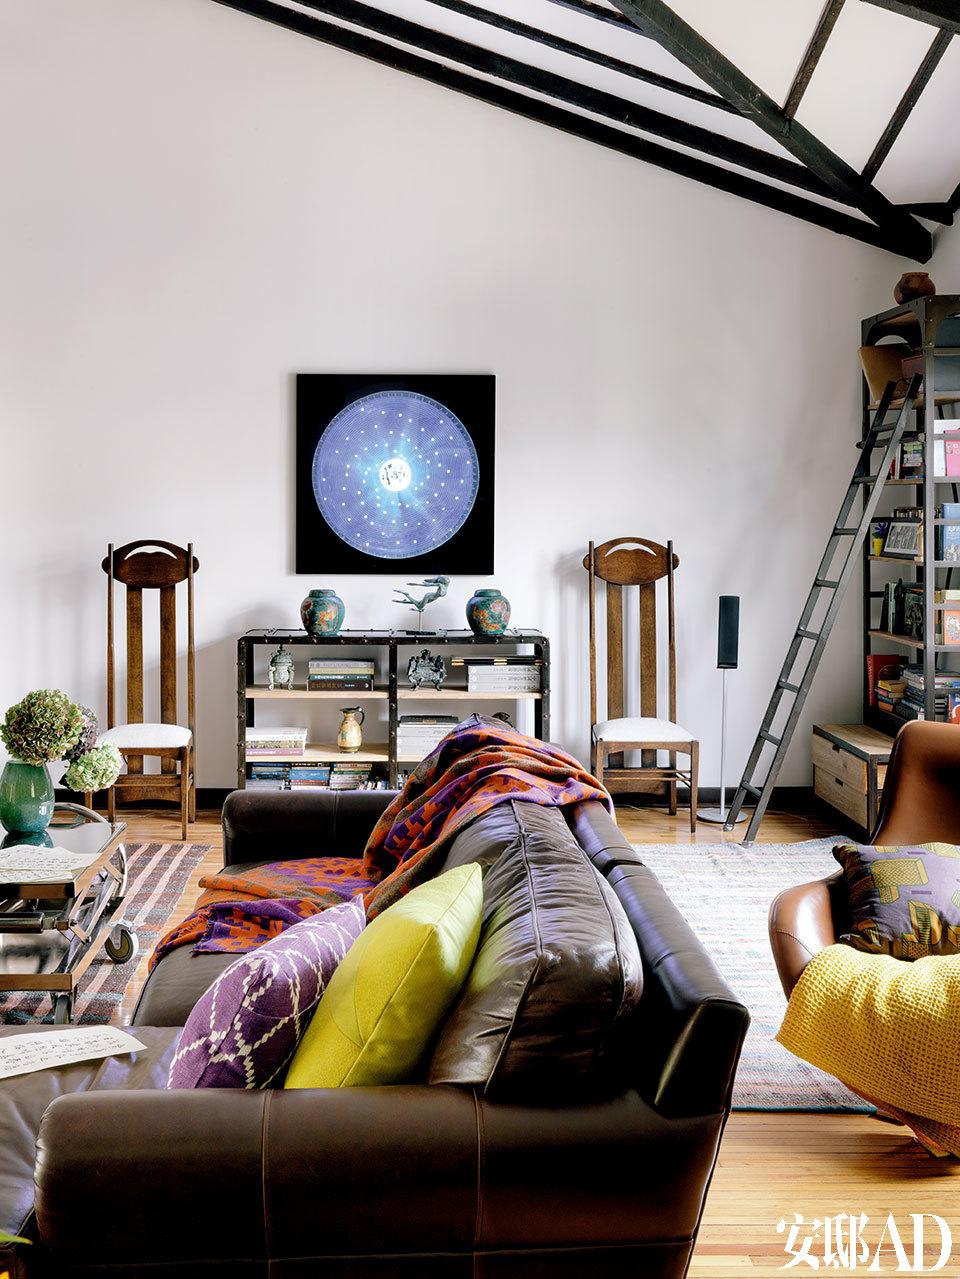 """李光程家附近就有不少画廊,他和太太晓思经常散个步去看展,也买回不少艺术品。他们将法国艺术家组合LLND的LED装置""""沙罗周期日历-月全食""""展示在三层,与中式的家具构成有趣对比,也令空间更显年轻。"""